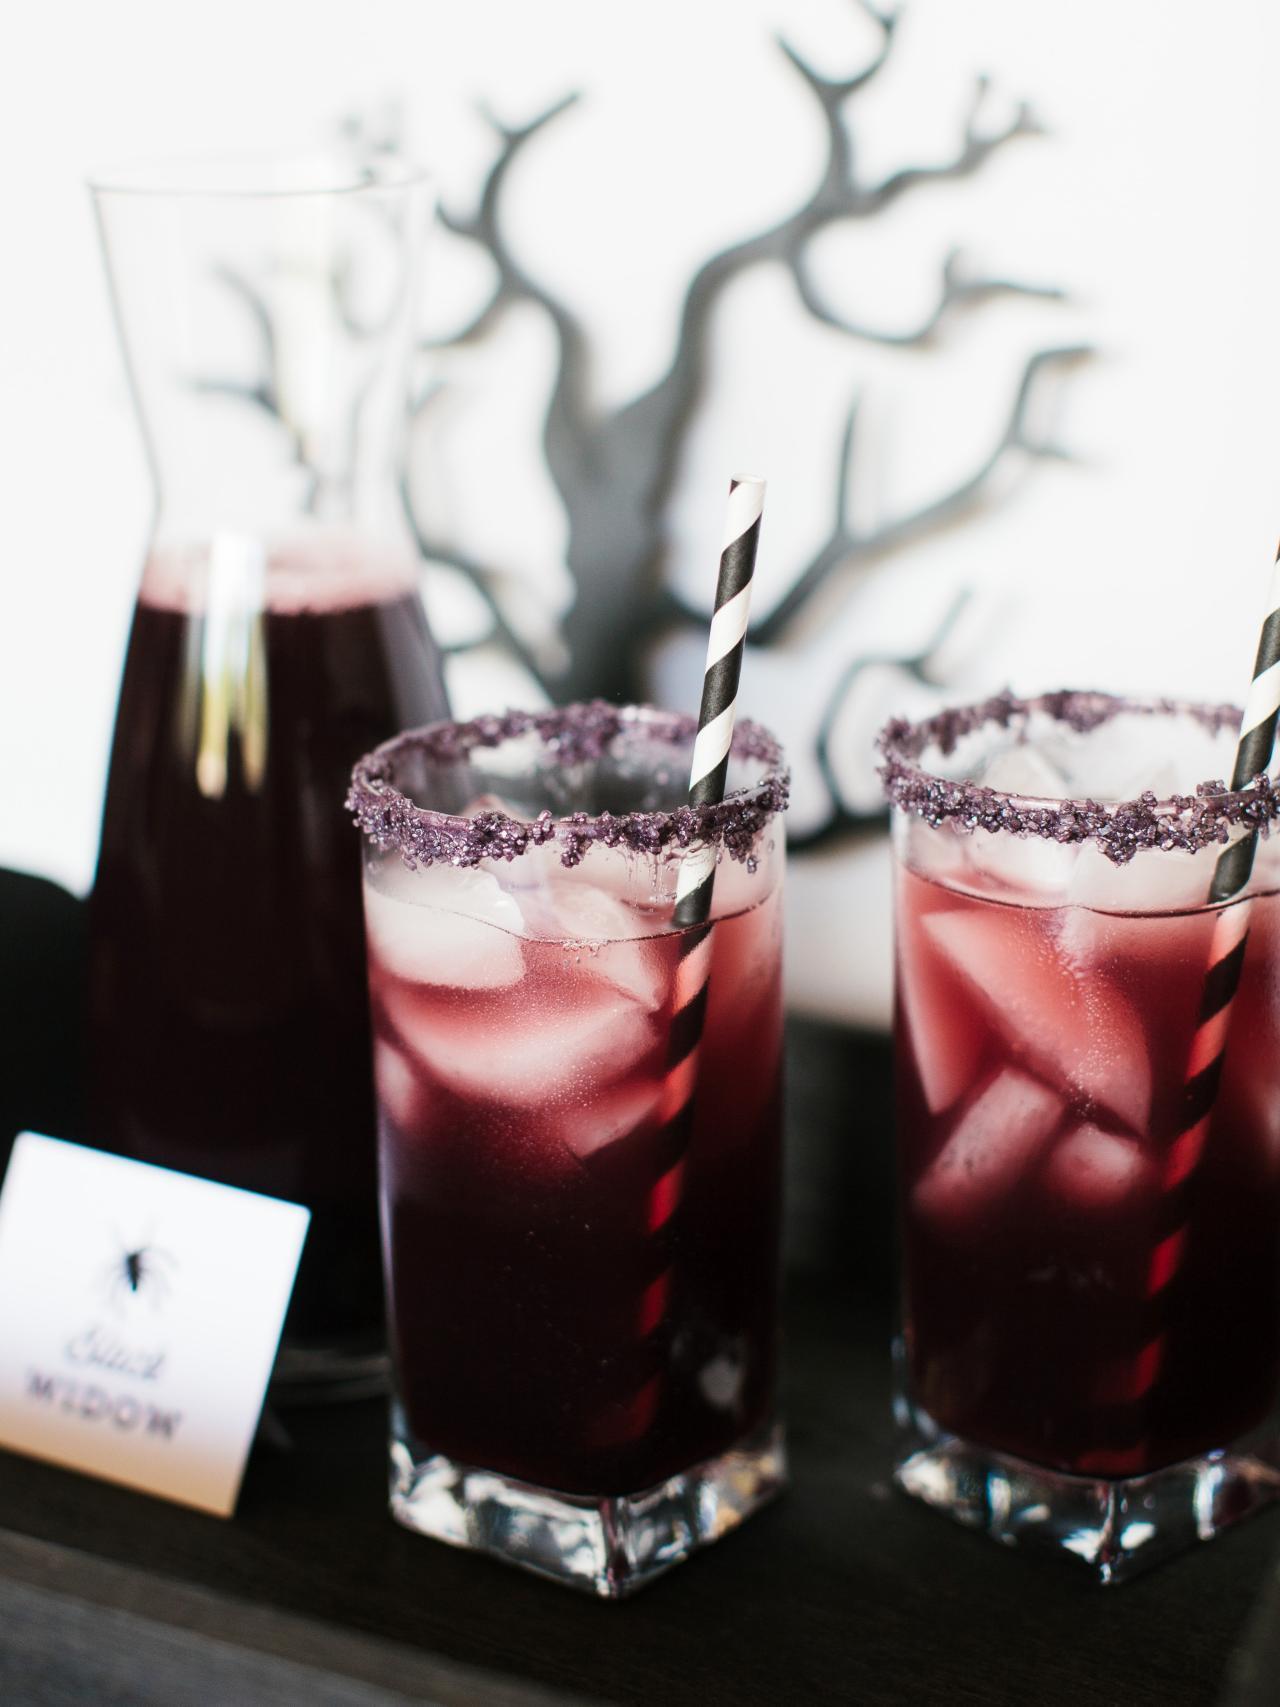 Halloween Drinks Recipes  Pinterest Picks 8 Eerie Halloween Cocktails